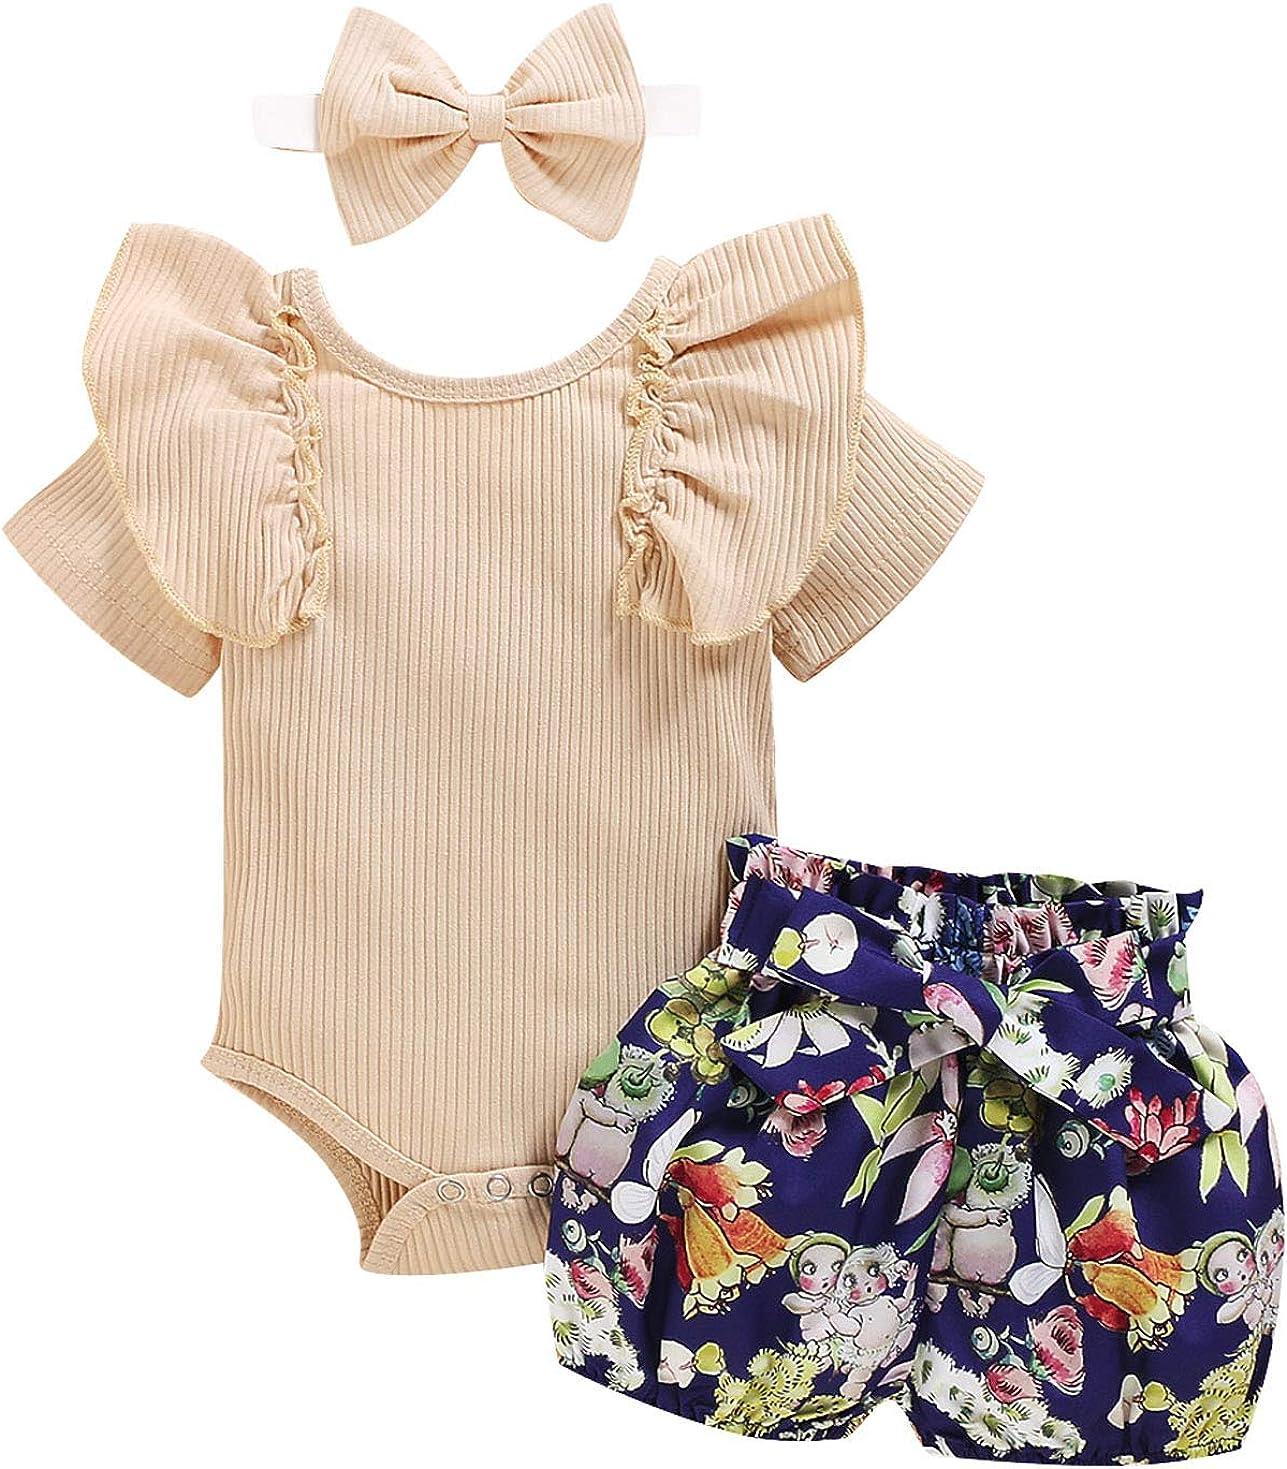 Bowknot Headband 3Pcs Toddler Baby Girl Summer Outfits Halter Sleeveless Tank Top Ruffled Shorts Pants